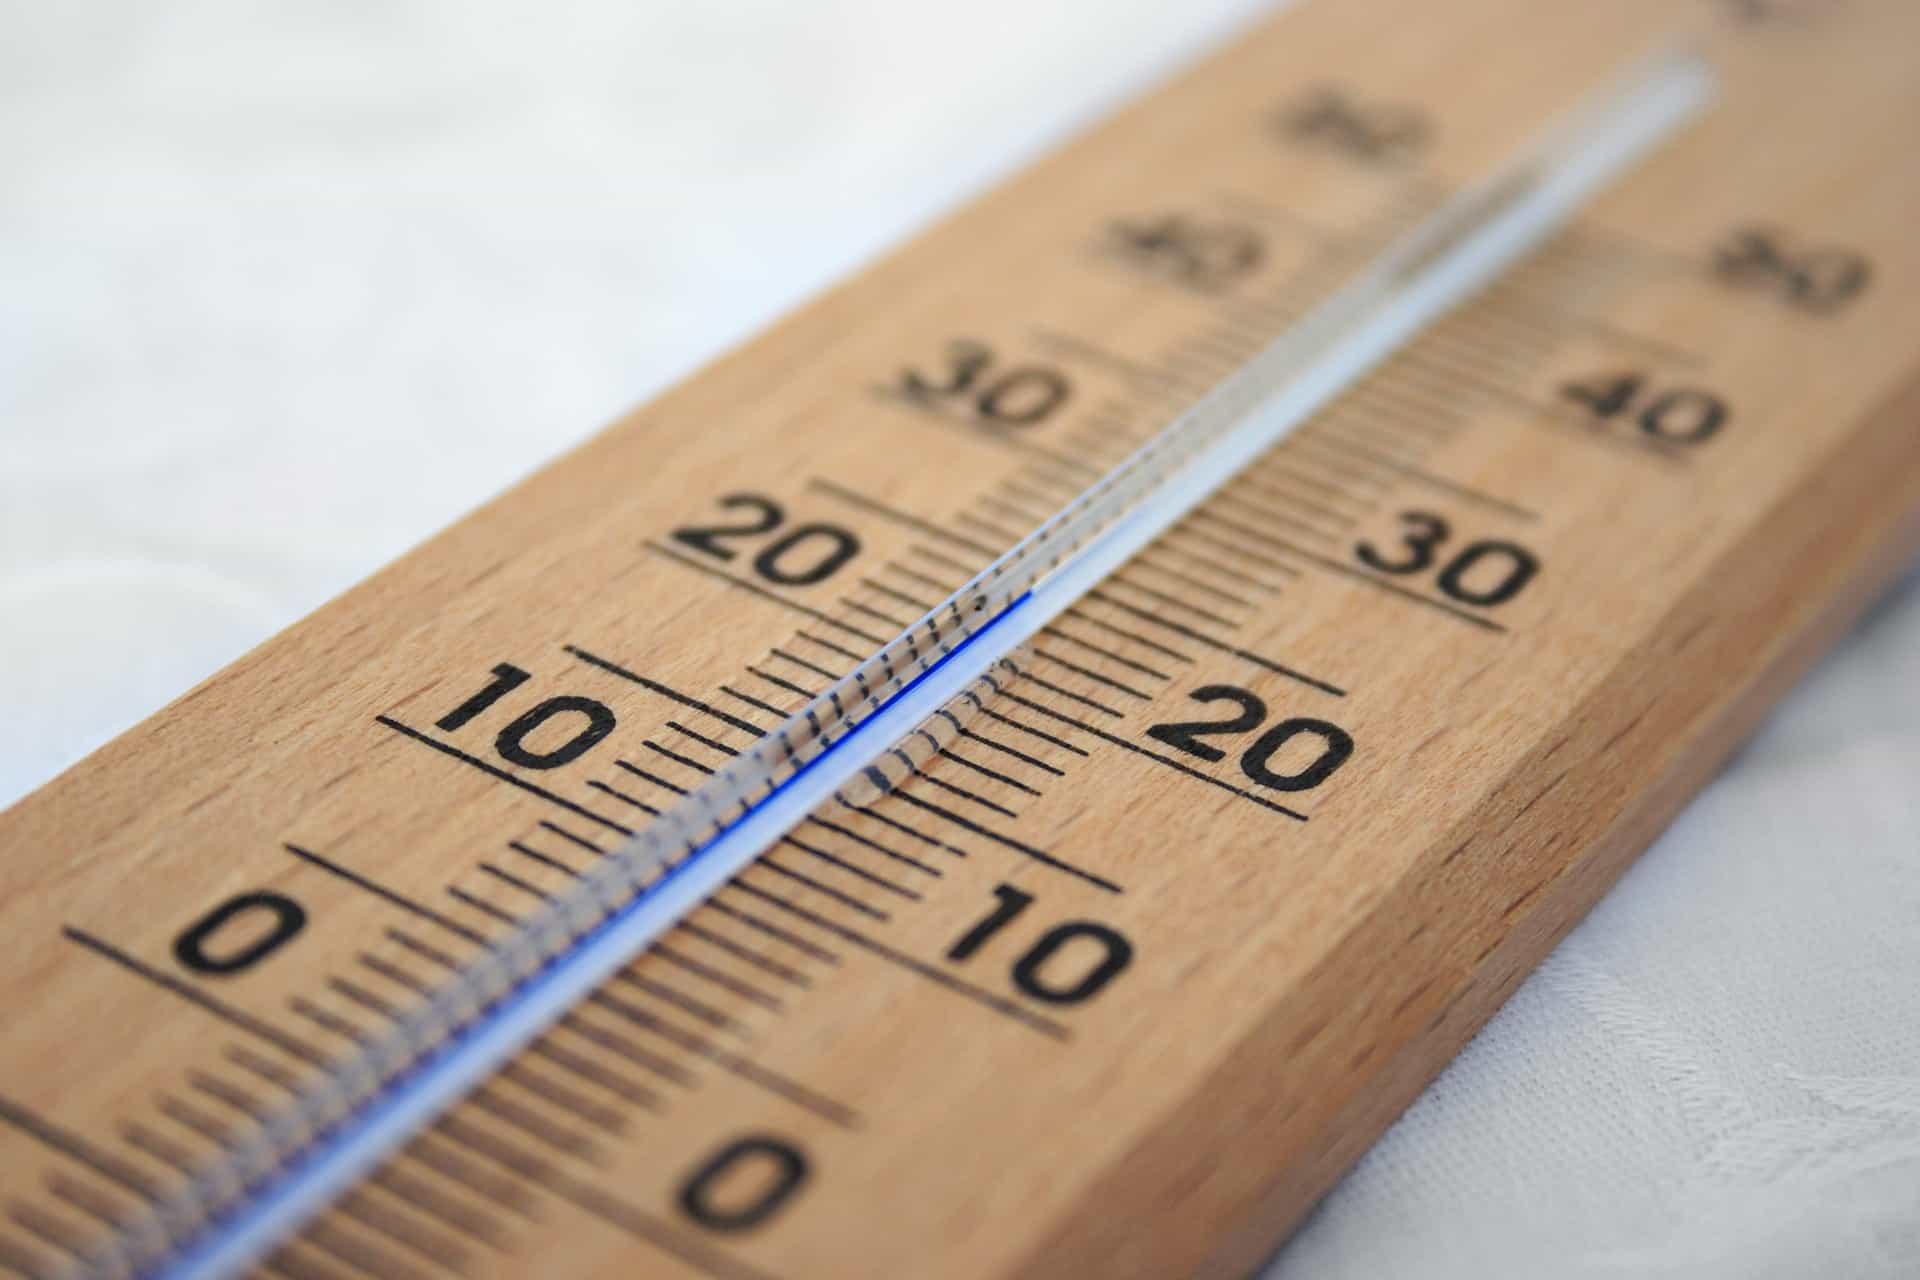 A munkahelyi hőmérséklet szabályai - Érthető Jog